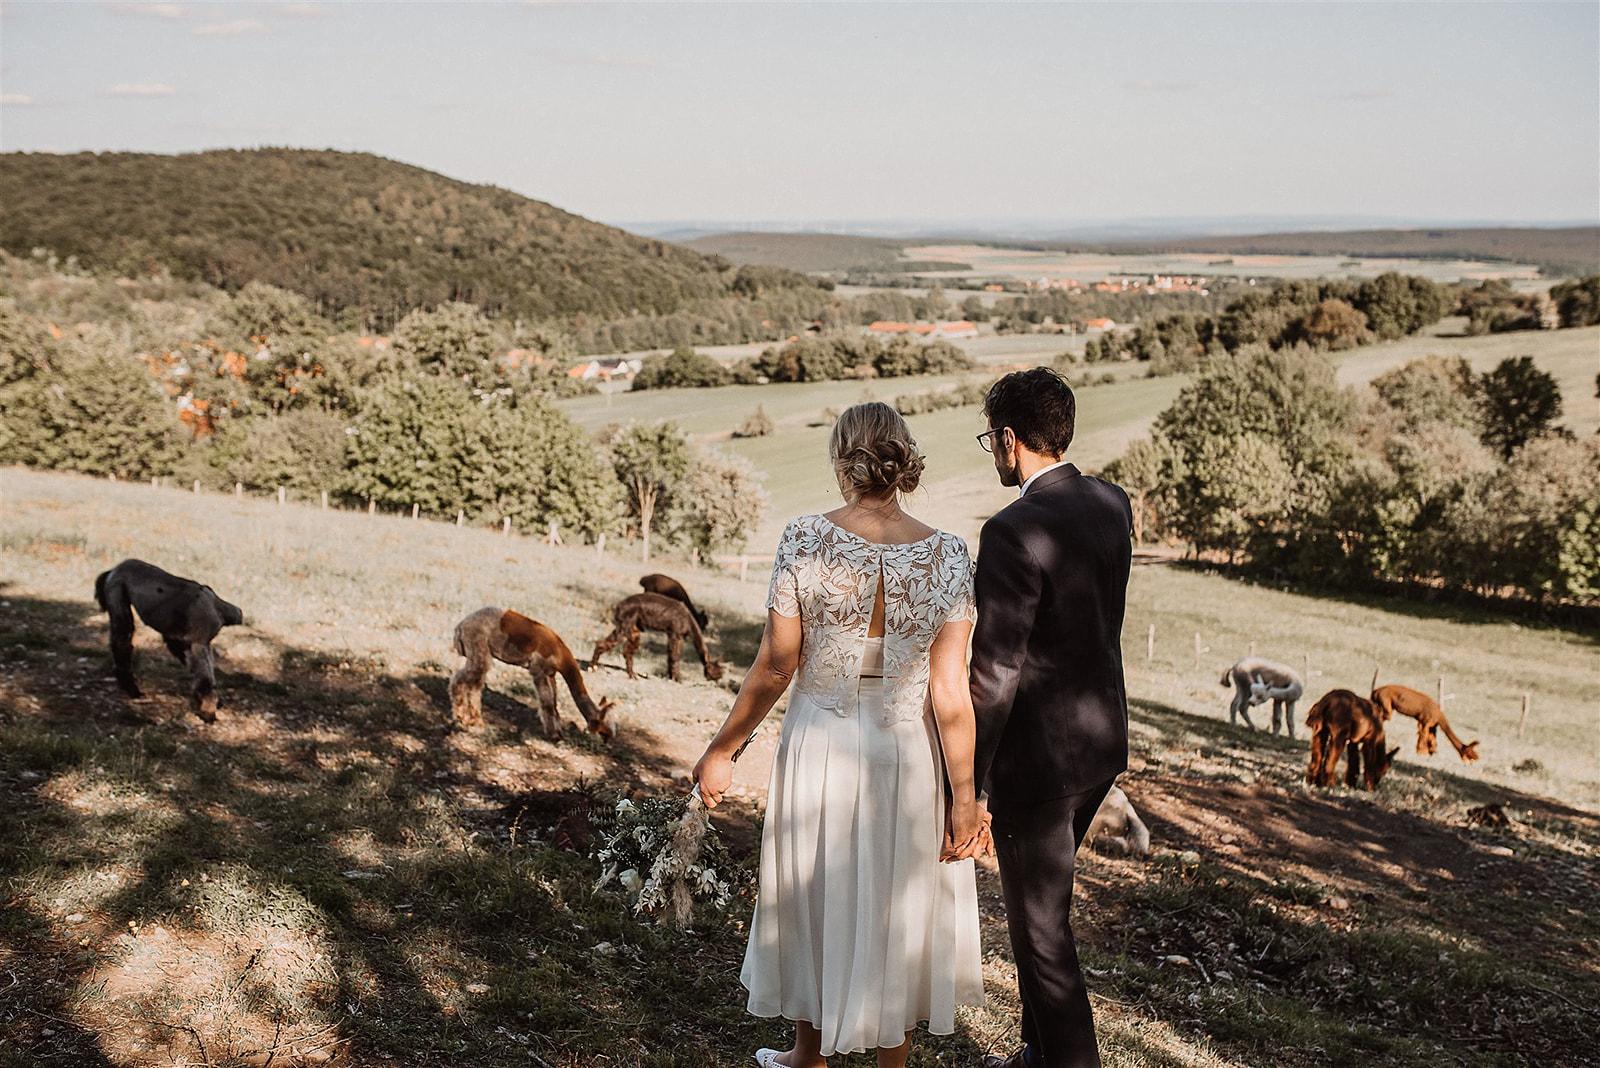 Brautpaar auf Waldlandschaft schauend, händchenhaltend, Rückenansicht